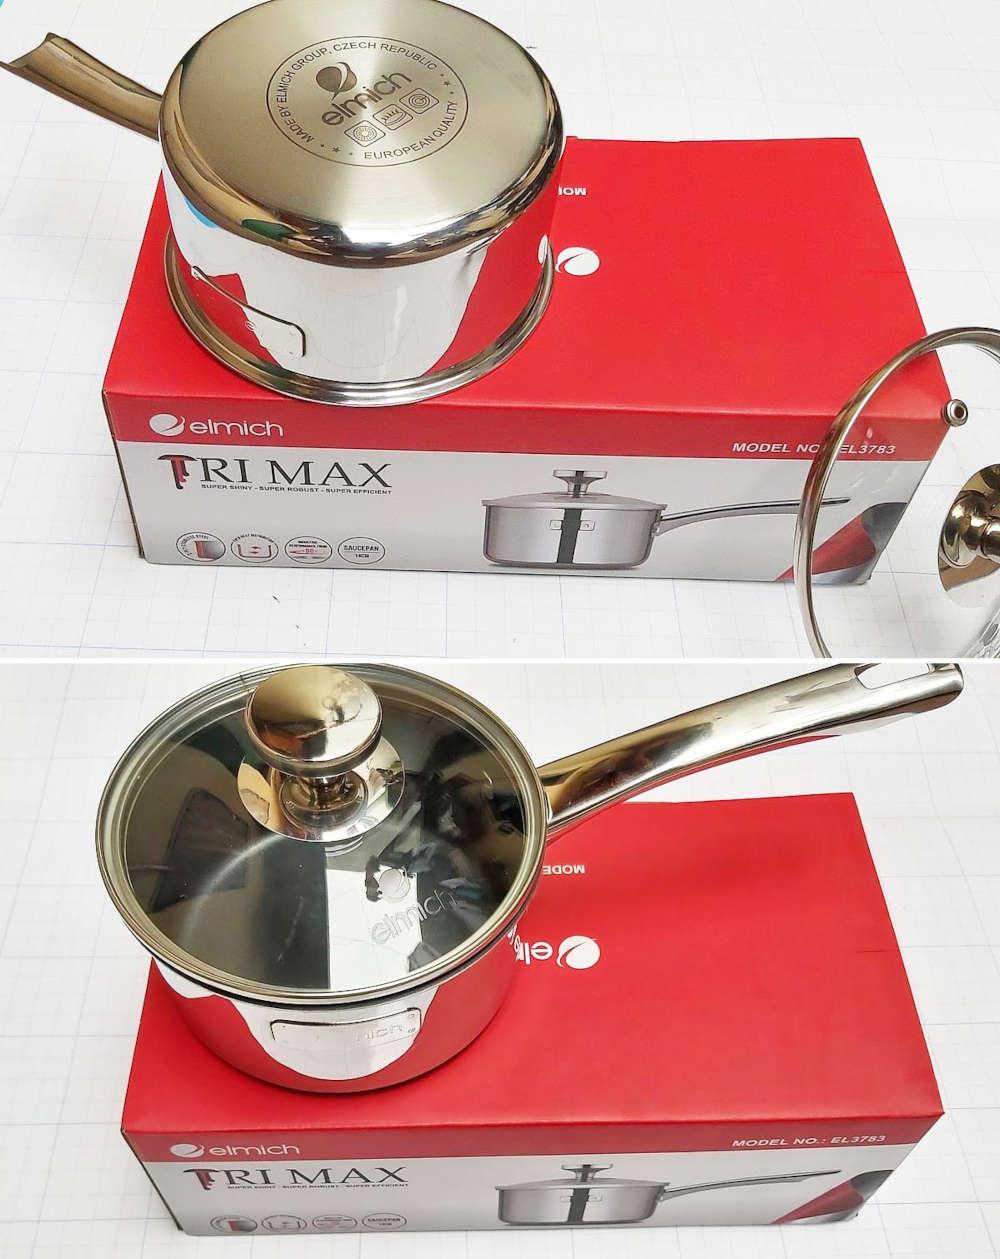 Quánh inox 3 lớp cao cấp đáy liền Elmich Tri-max XS EL3745 đường kính 16cm hàng chính hãng bảo hành 25 tháng